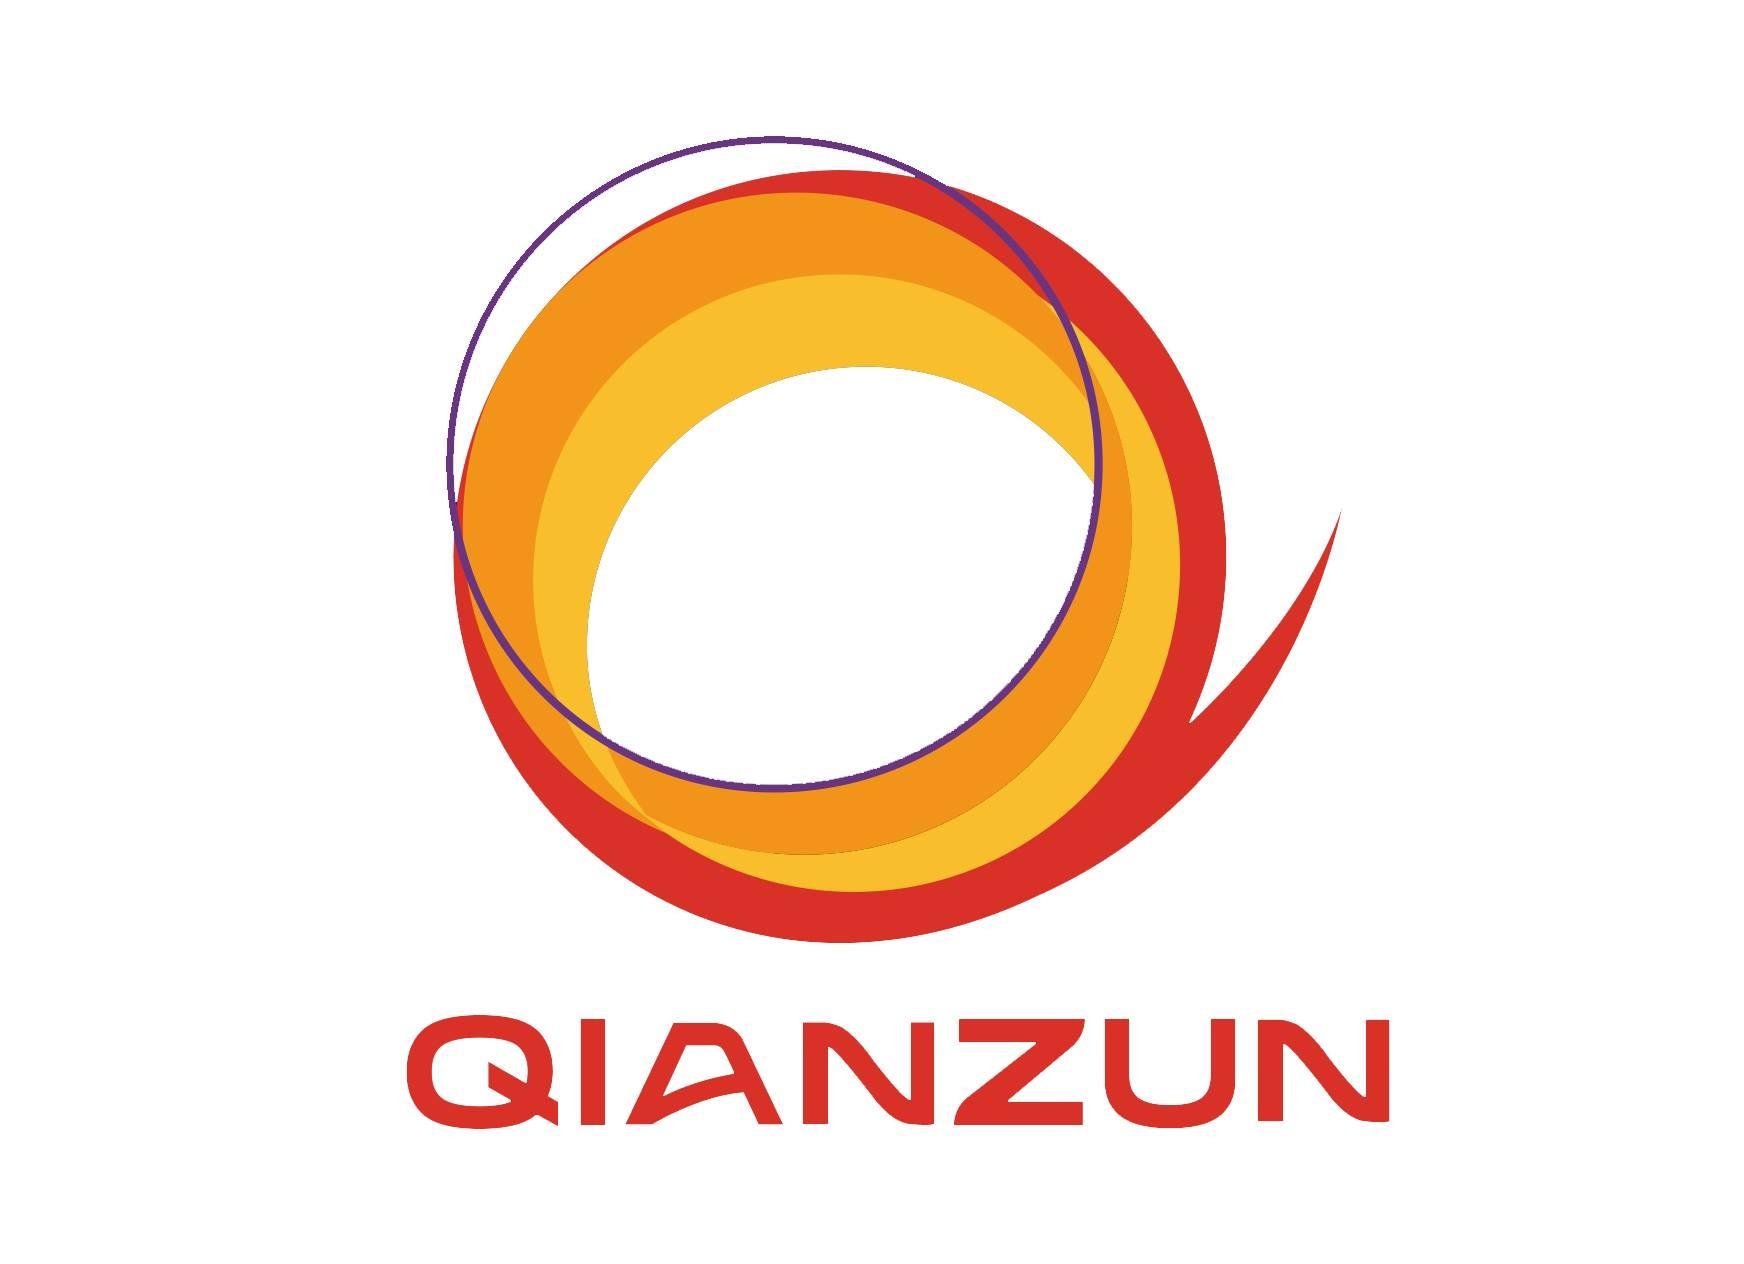 Baoding Qianzun Import And Export Co., Ltd.